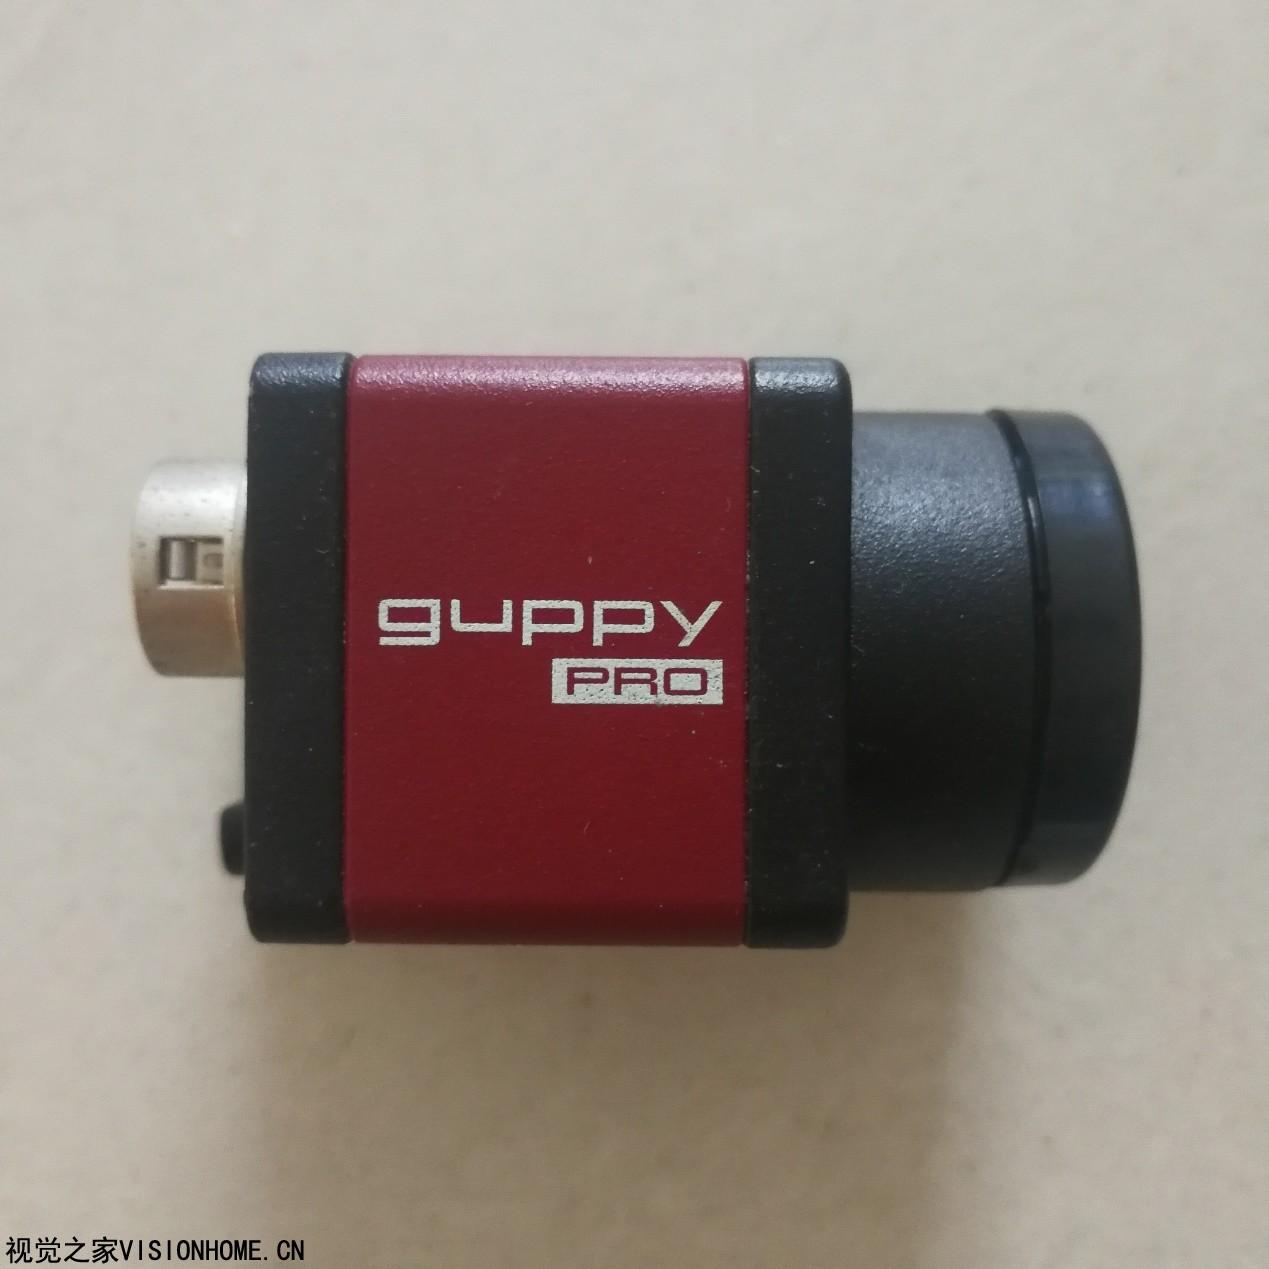 GuppPro系列相机